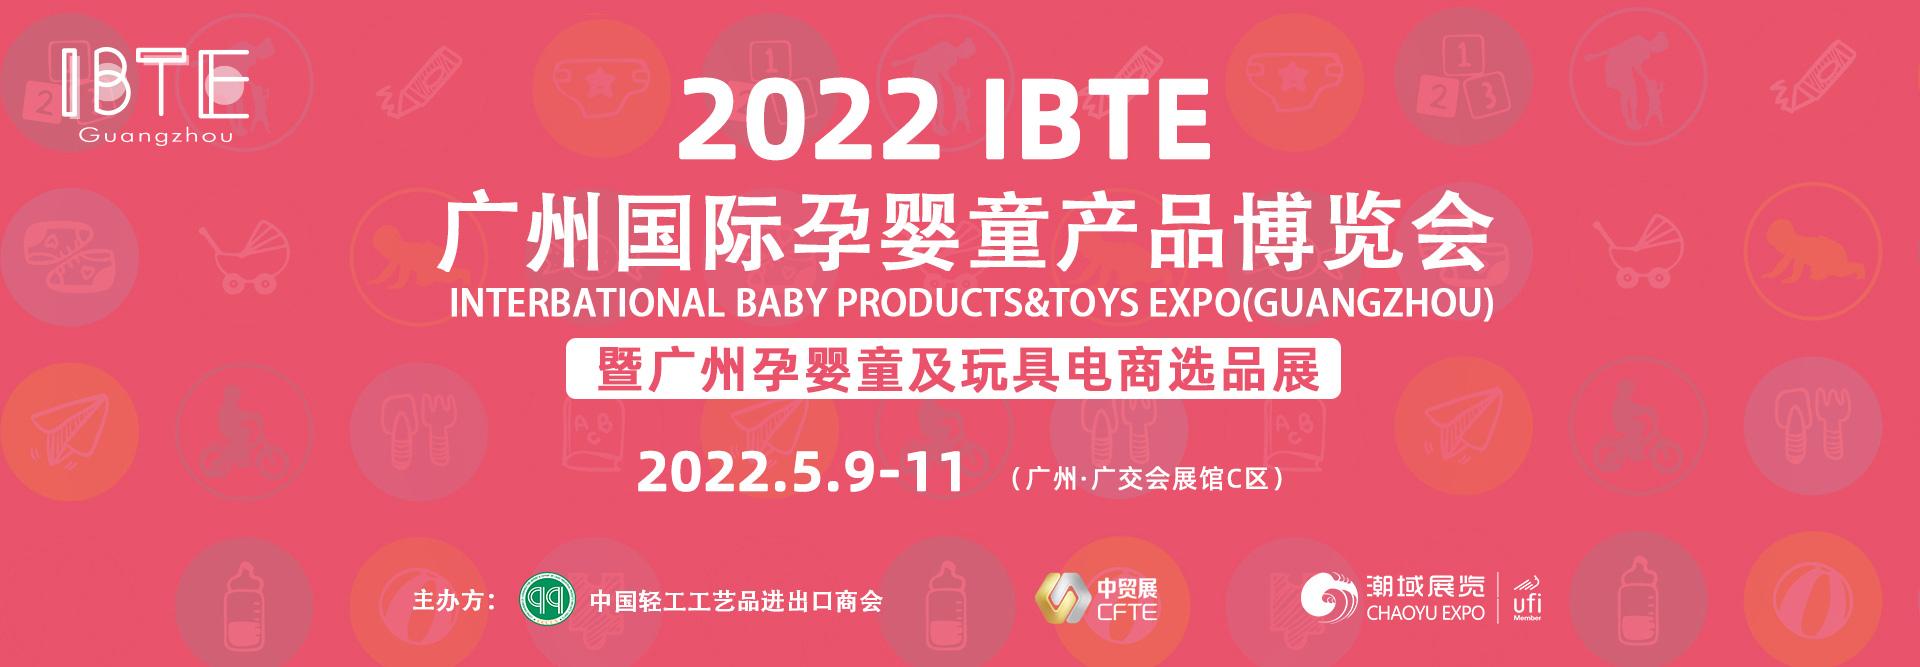 2022廣州孕嬰童產品展